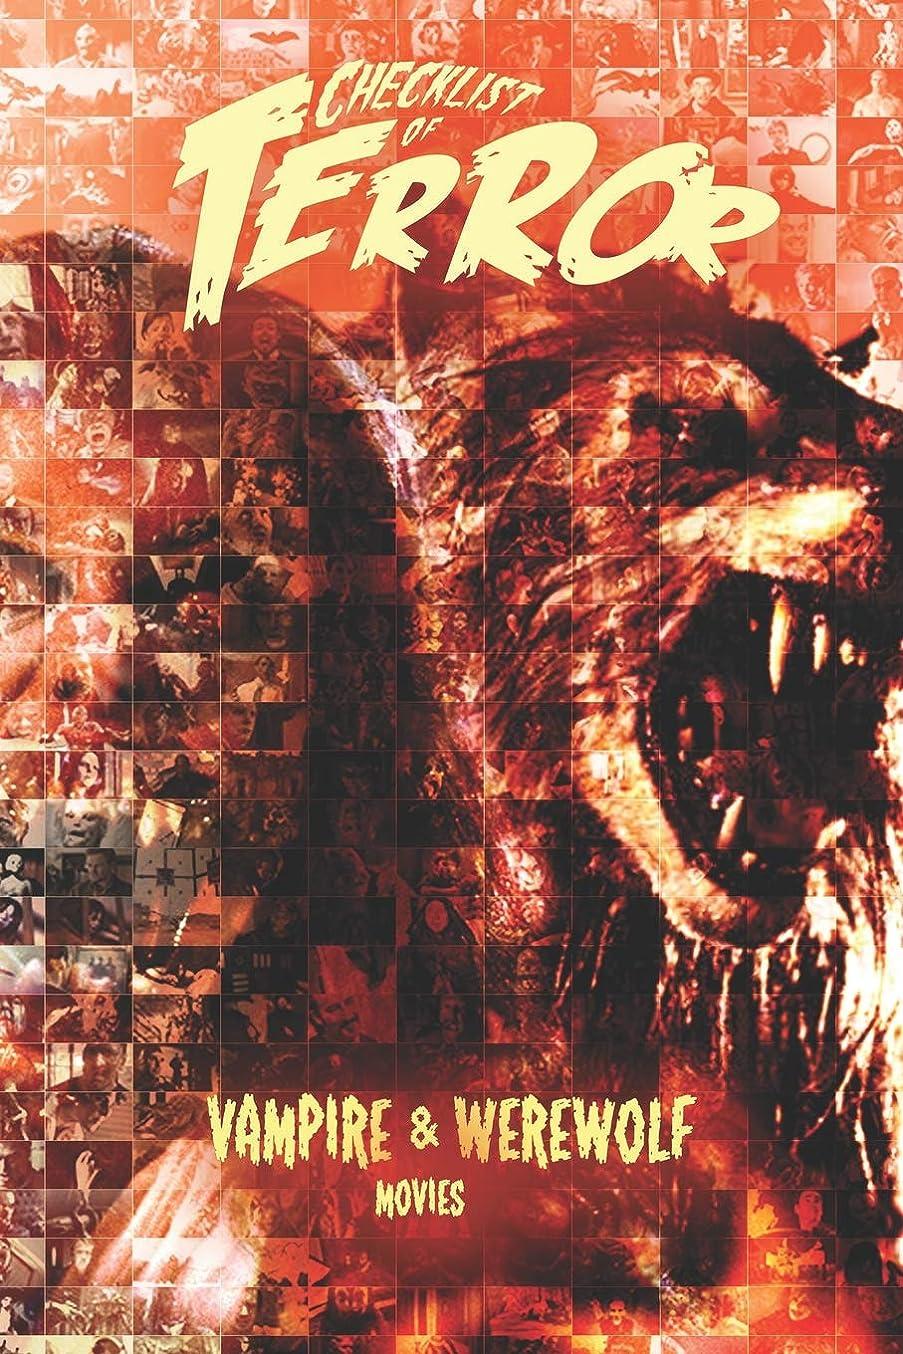 シールドブロッサム具体的にChecklist of Terror: Vampire & Werewolf Movies (Checklist of Terror: Antagonists)